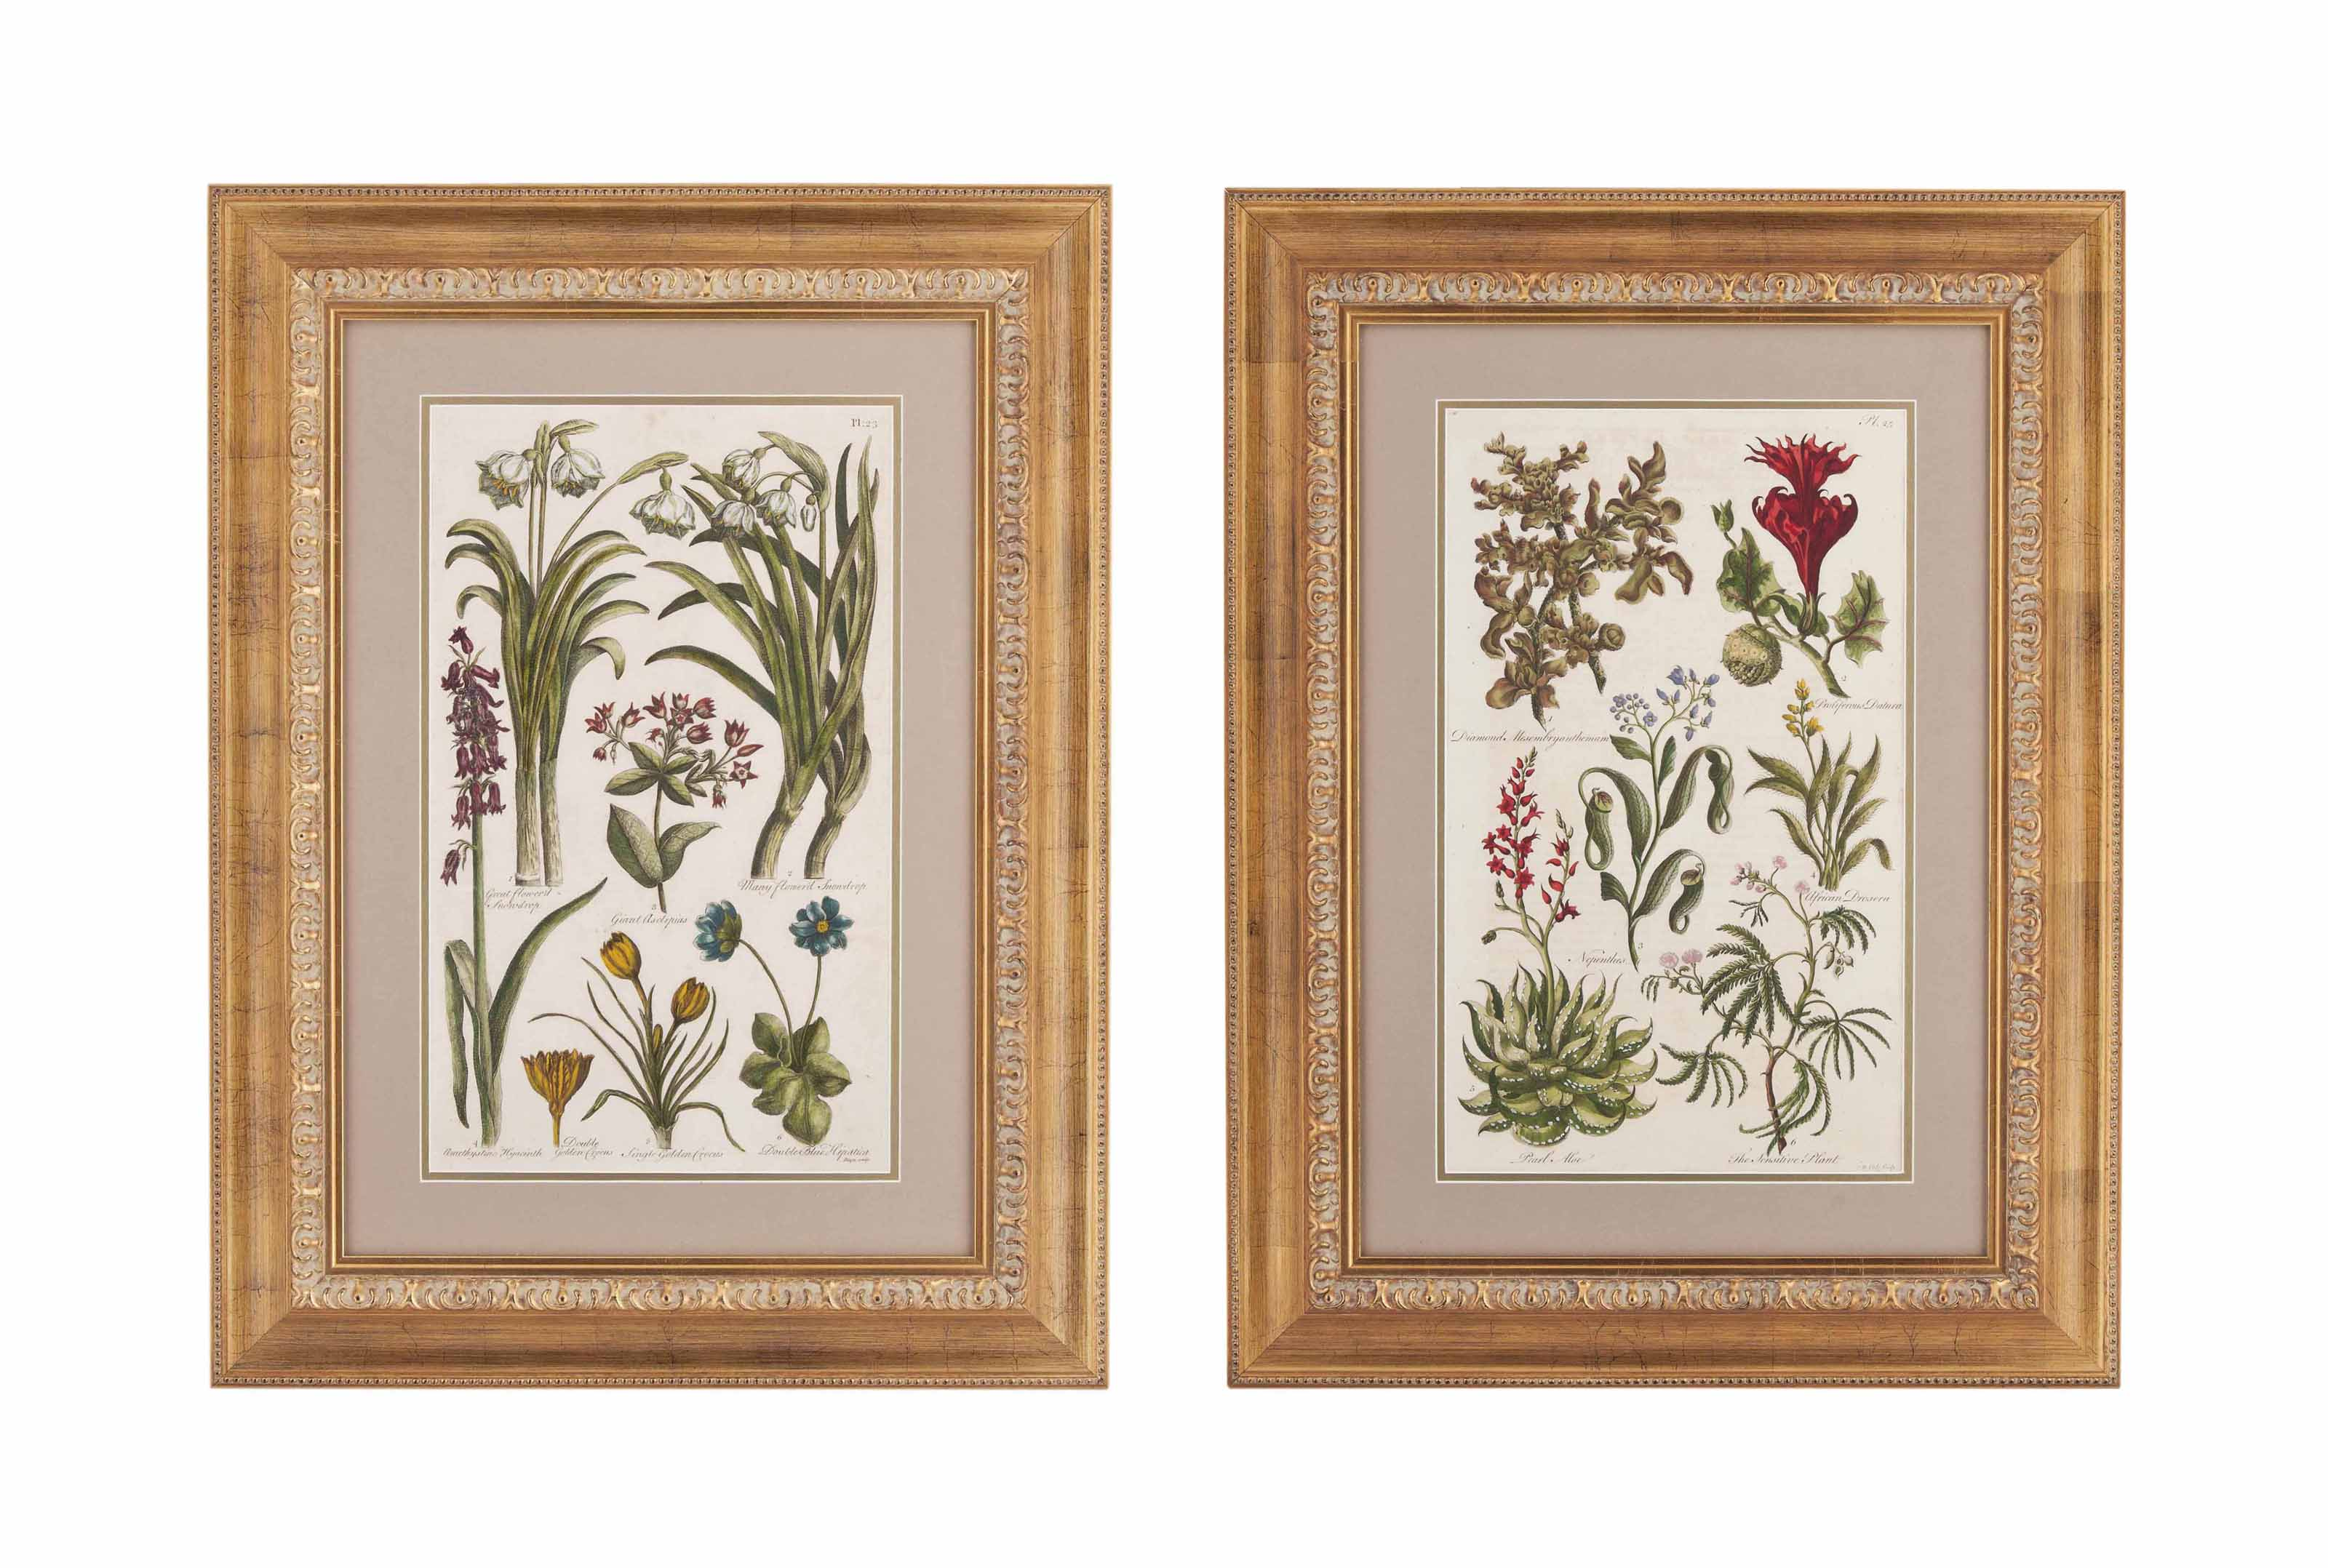 TEN PRINTS OF FLOWERING PLANTS